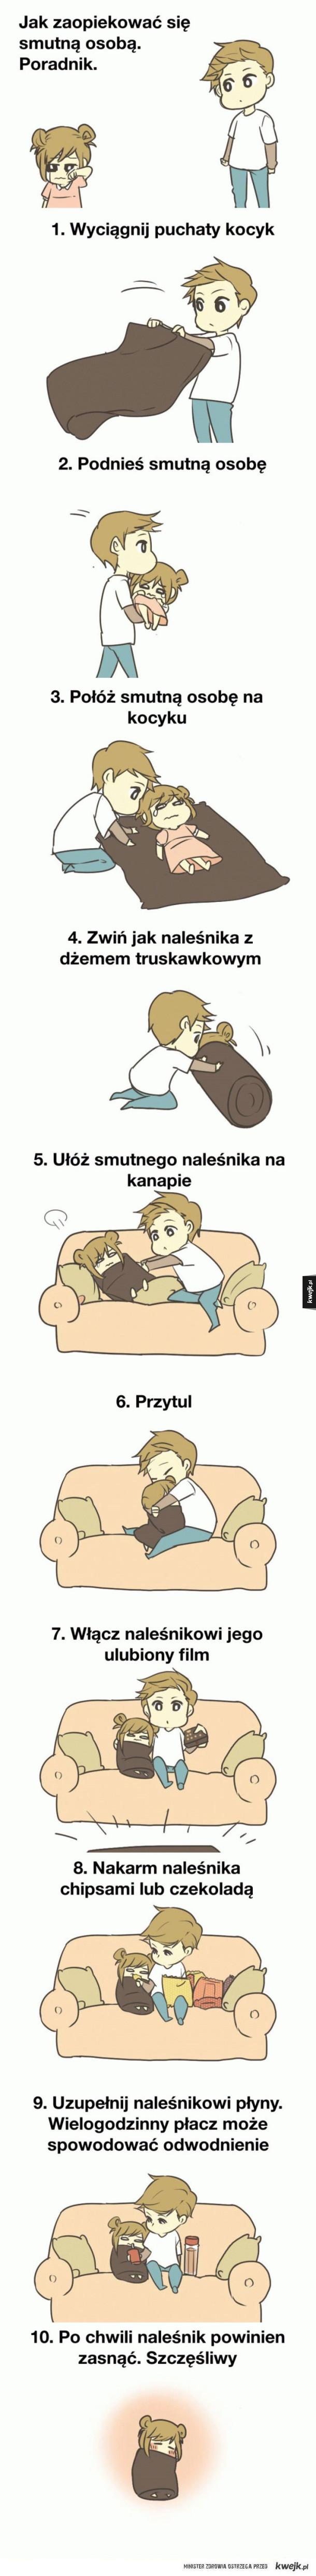 Image of pysiarobirzeczy